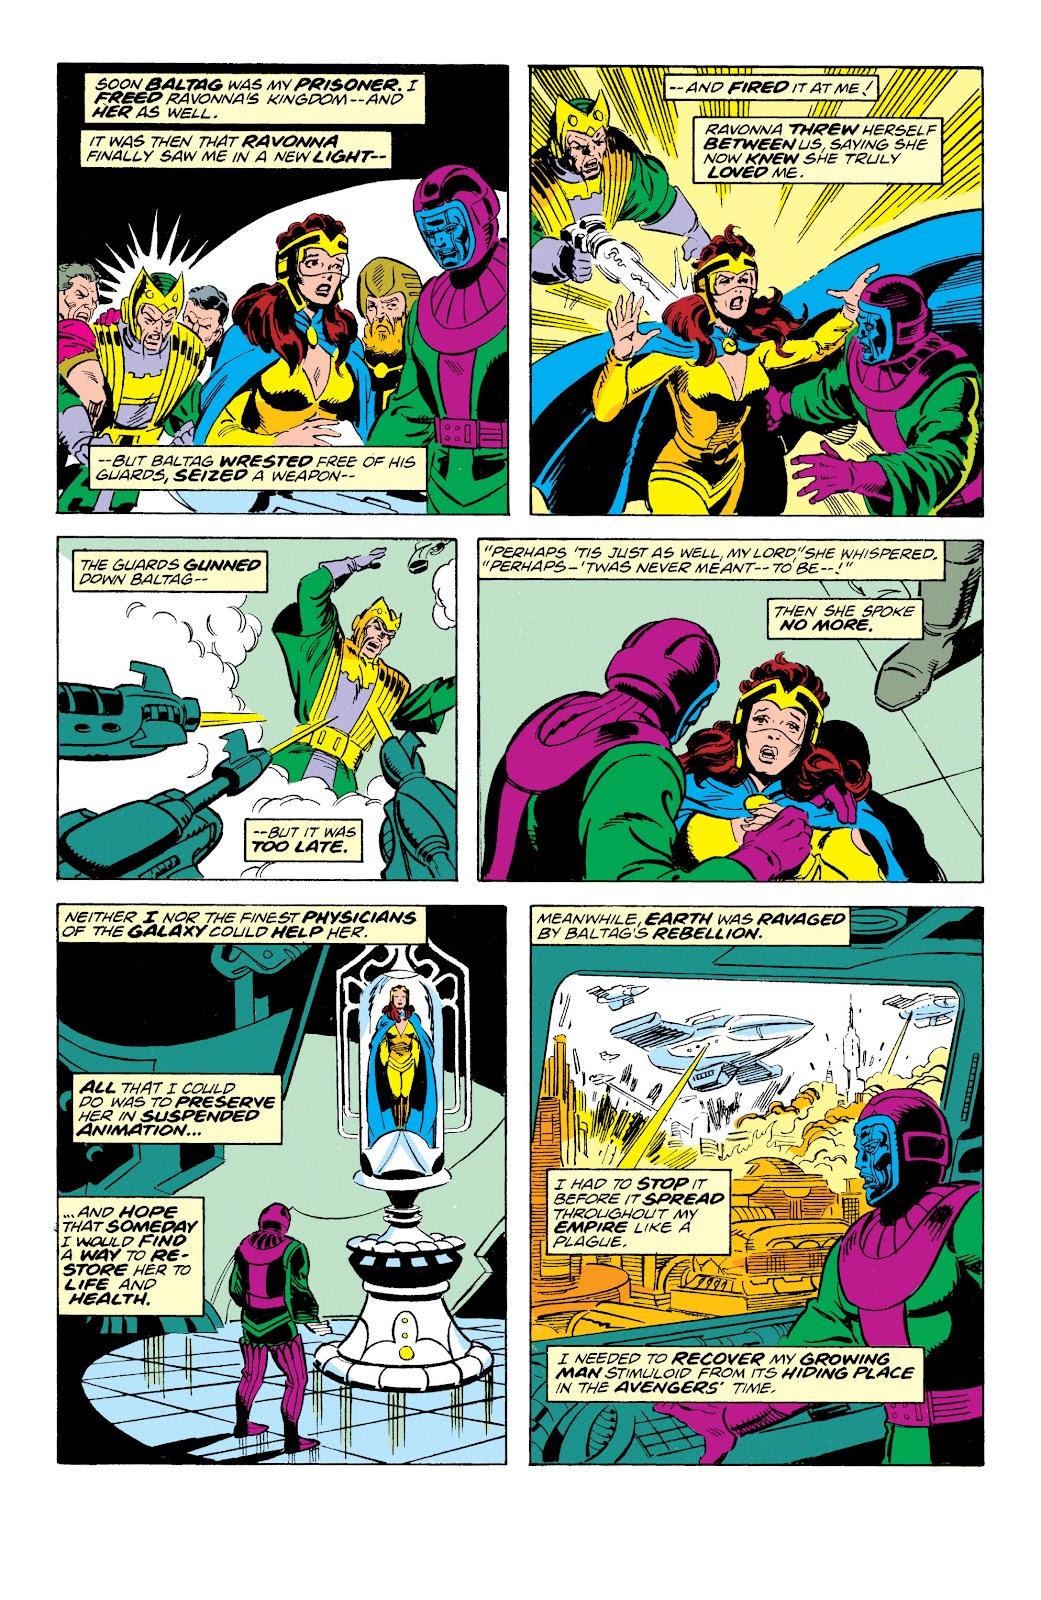 Read online Avengers: Citizen Kang comic -  Issue # TPB (Part 2) - 9